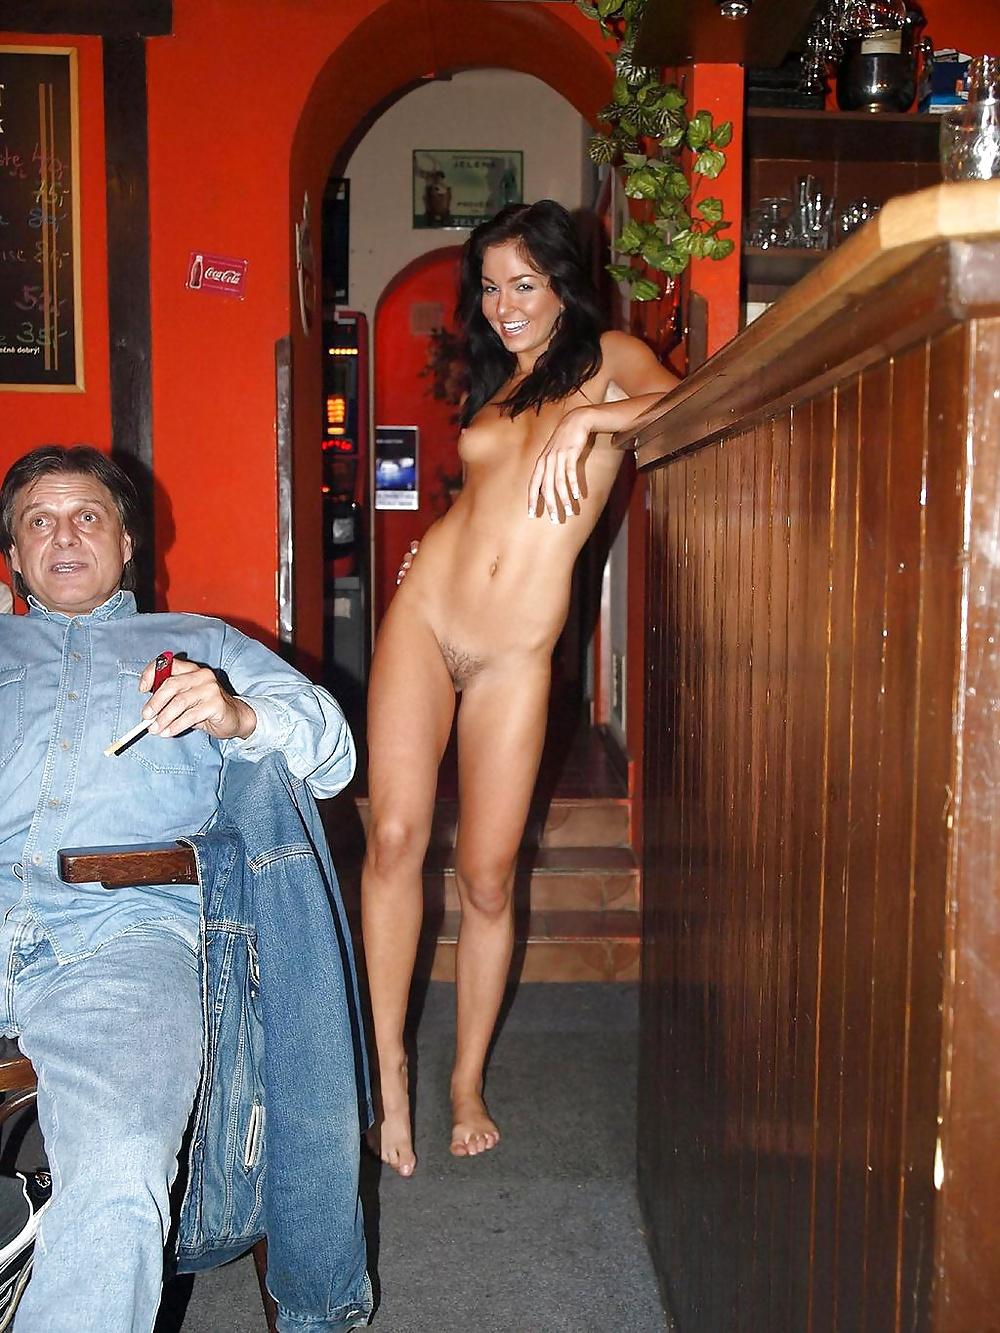 Обнаженная девушка в ресторане